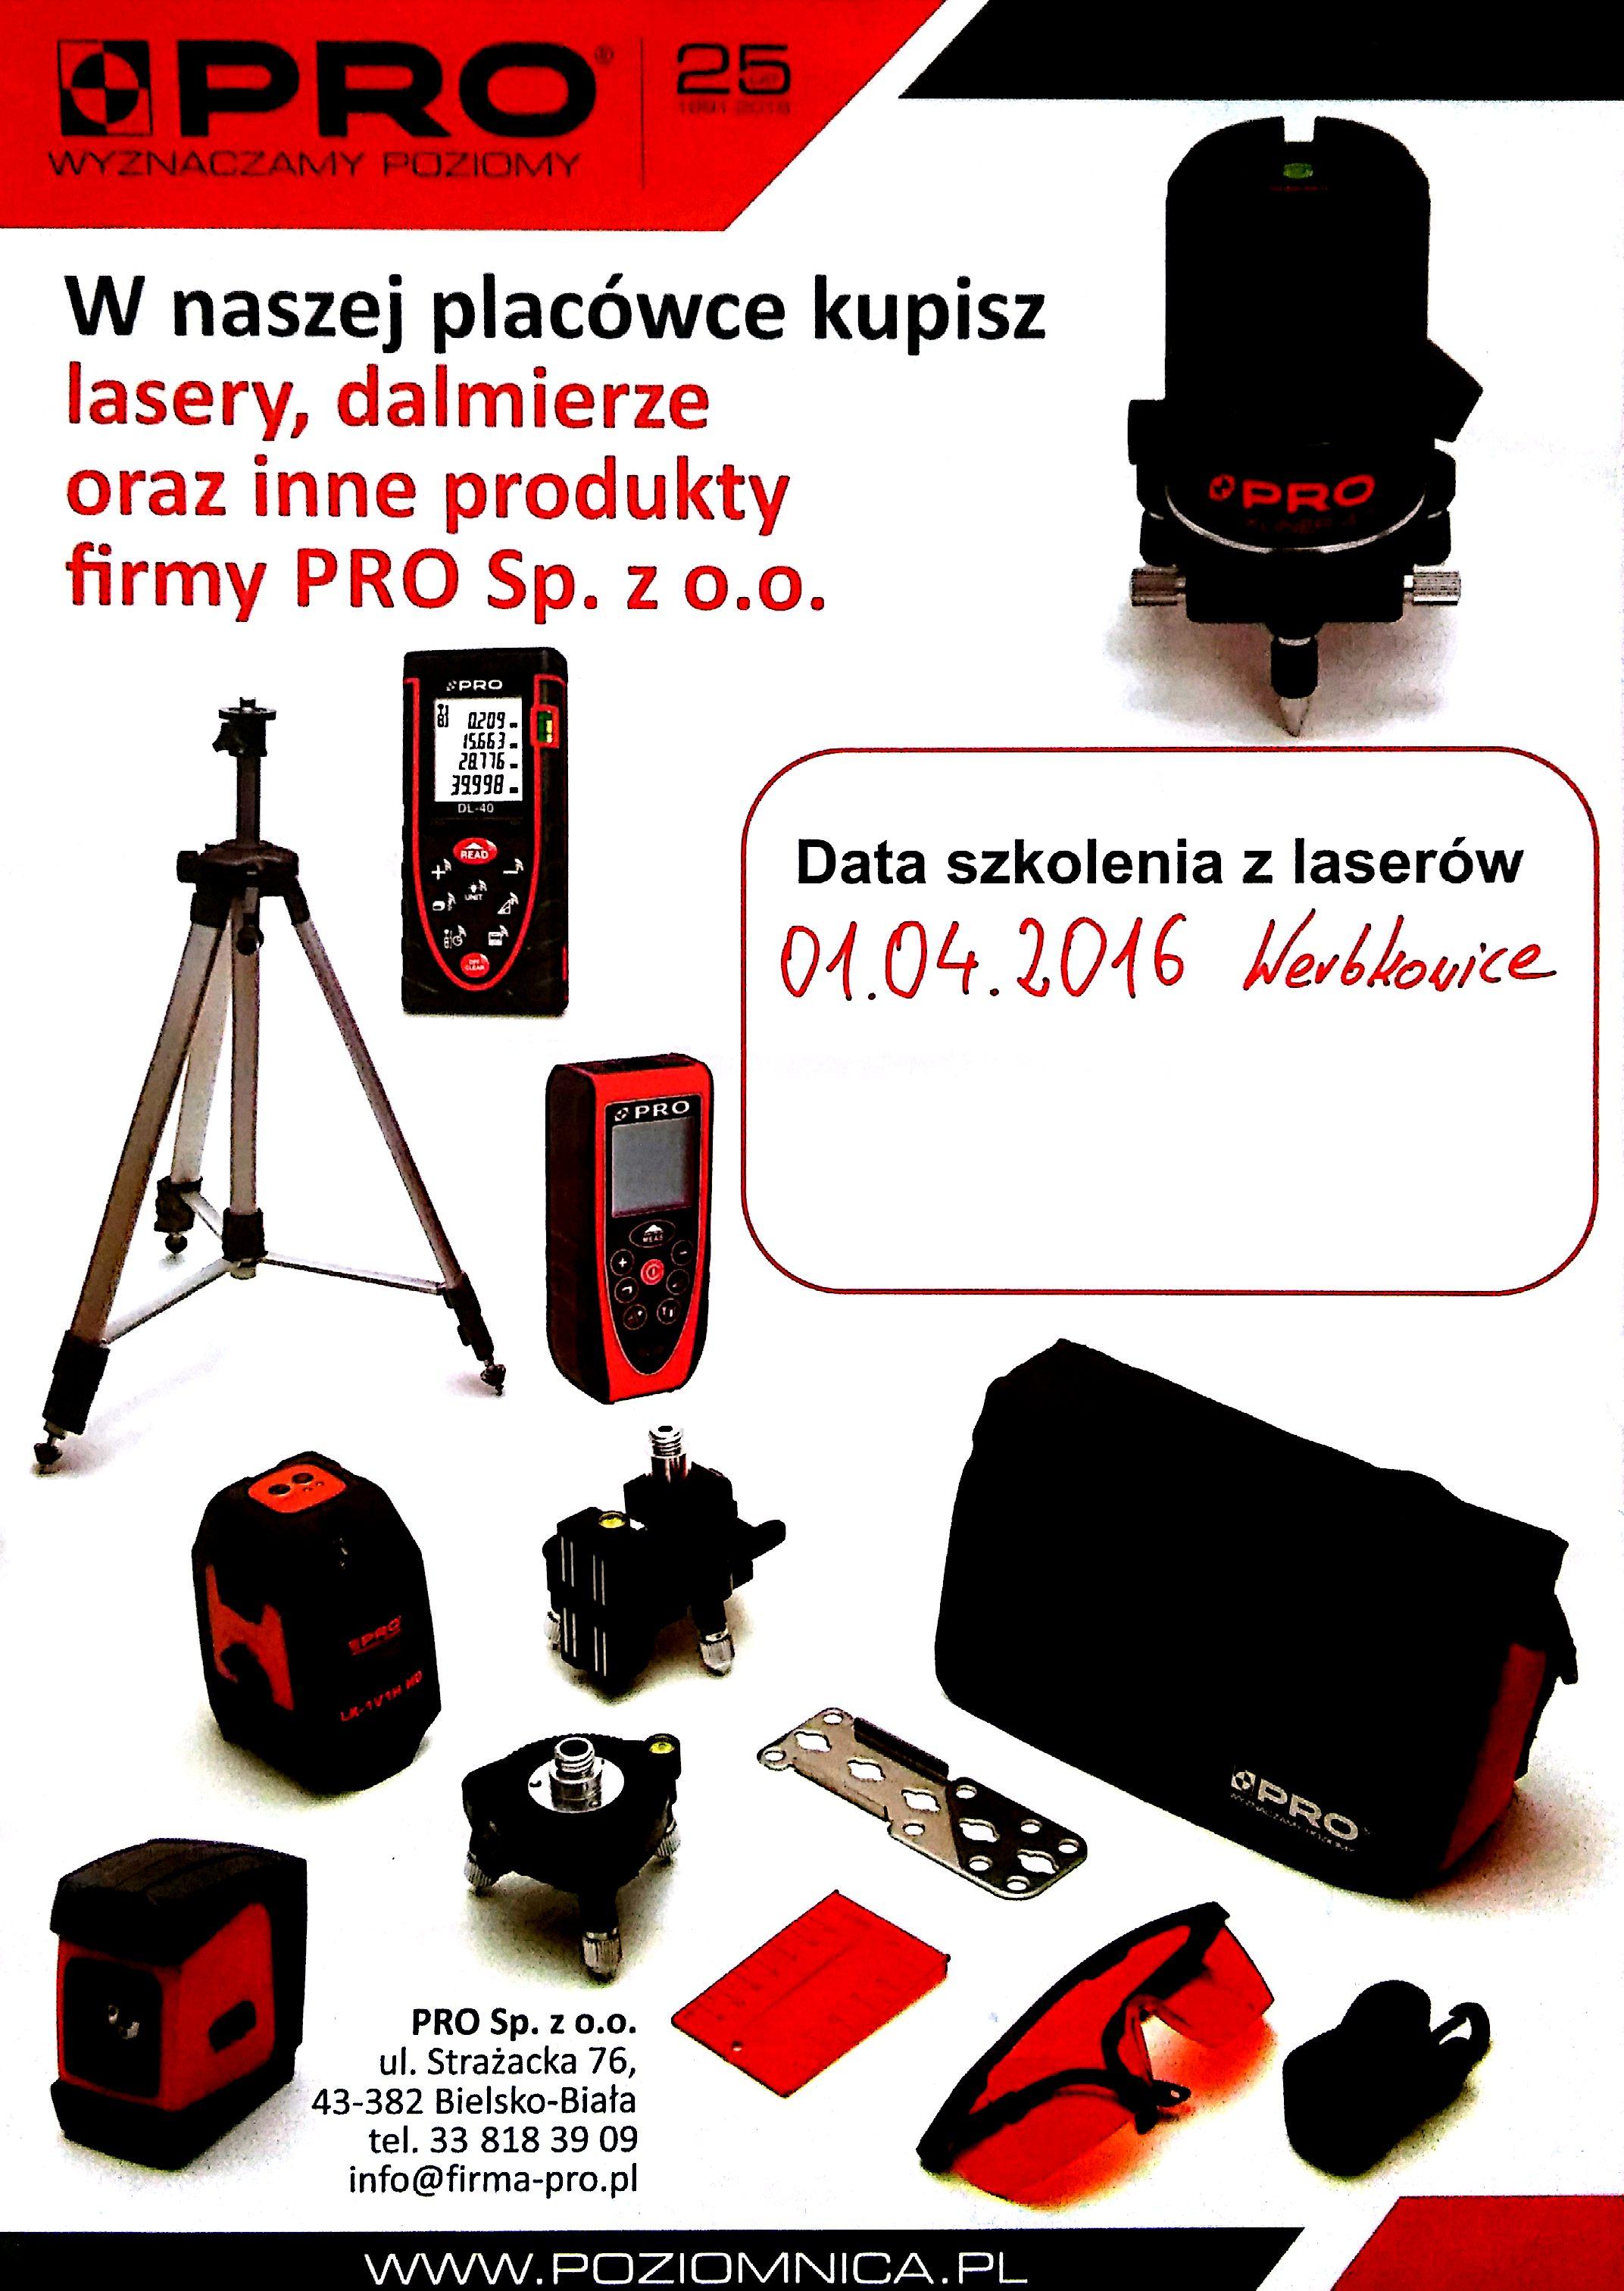 Szkolenie z laserów PRO